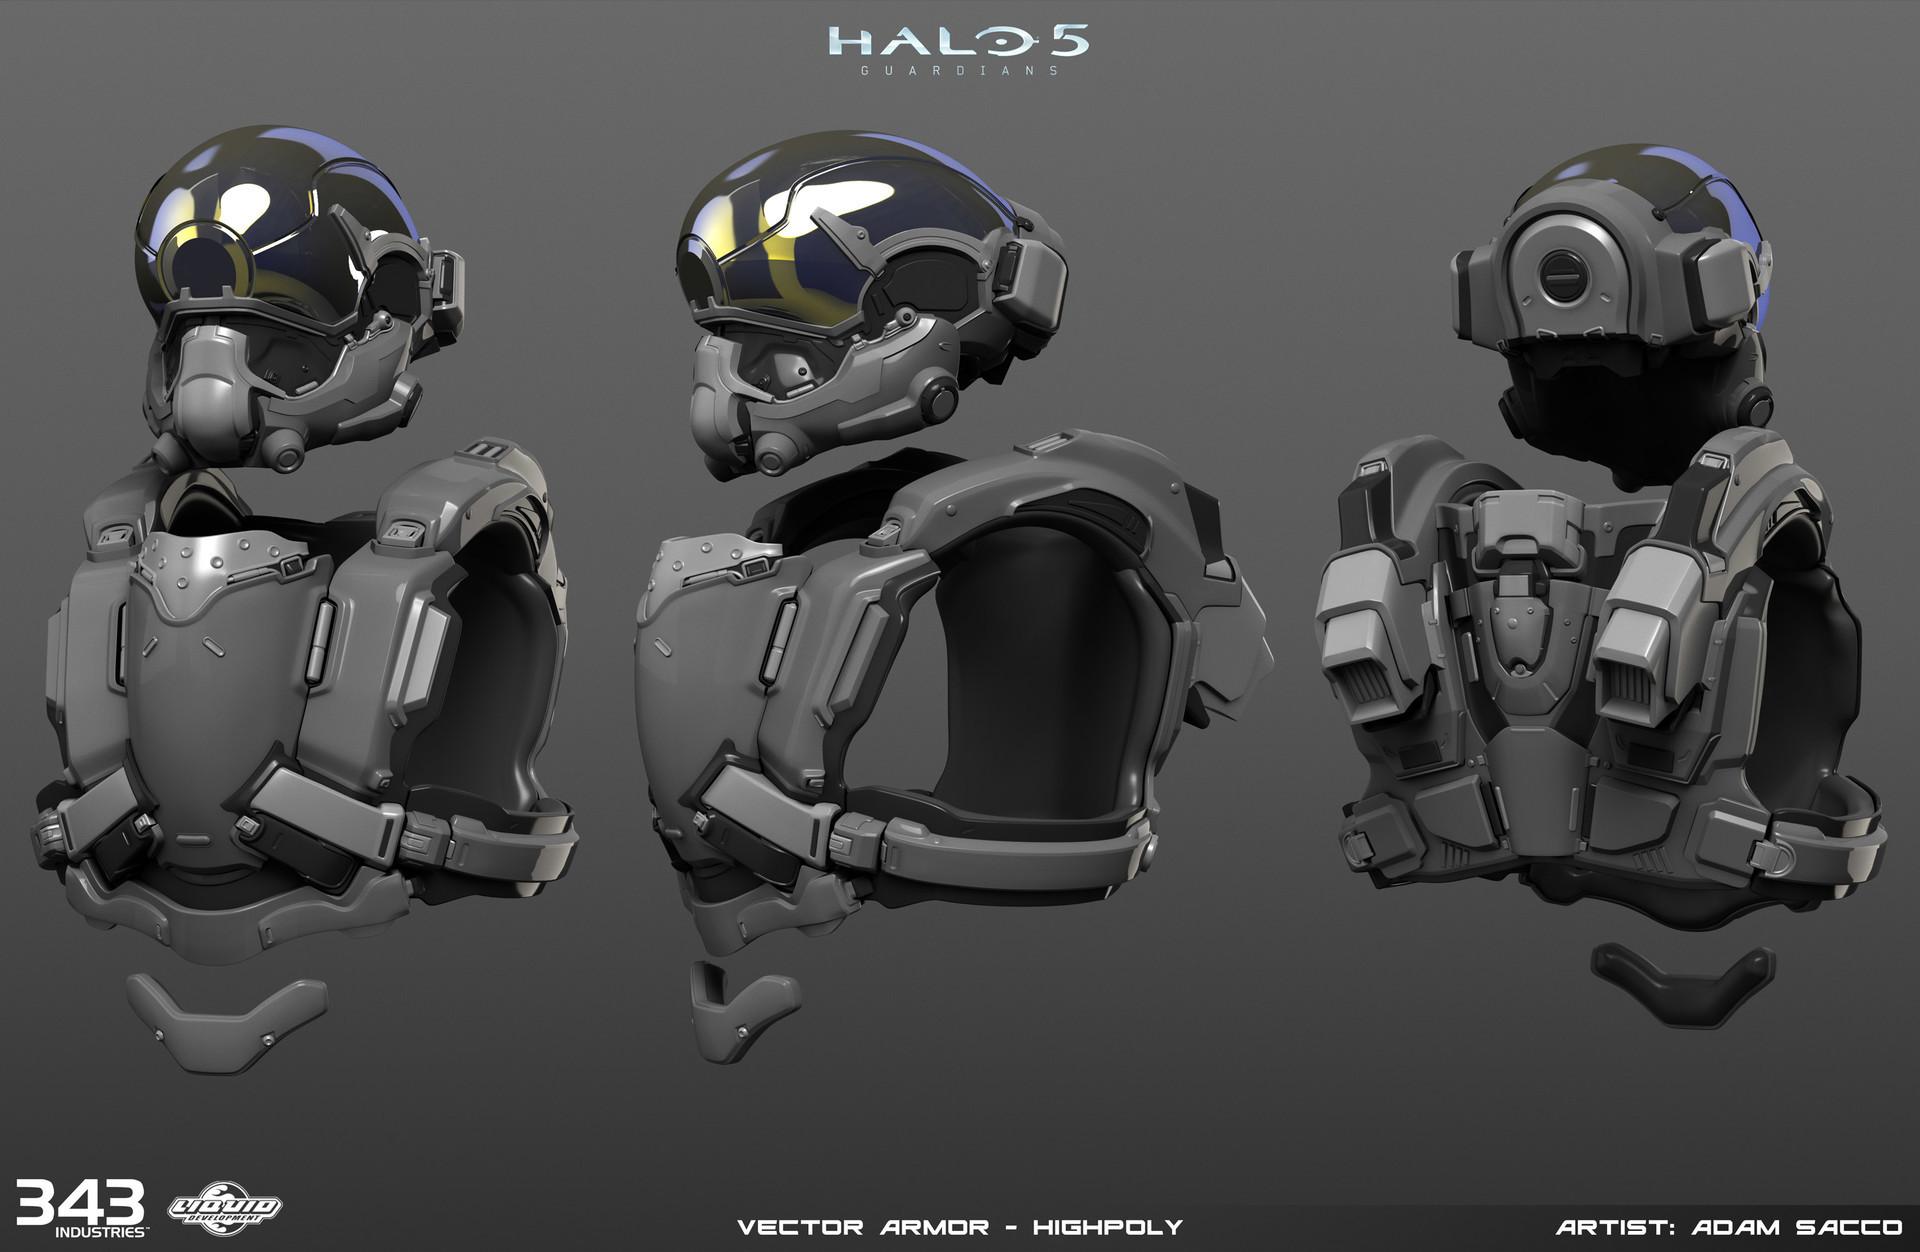 Adam sacco adam sacco halo5 vector armor highpoly1